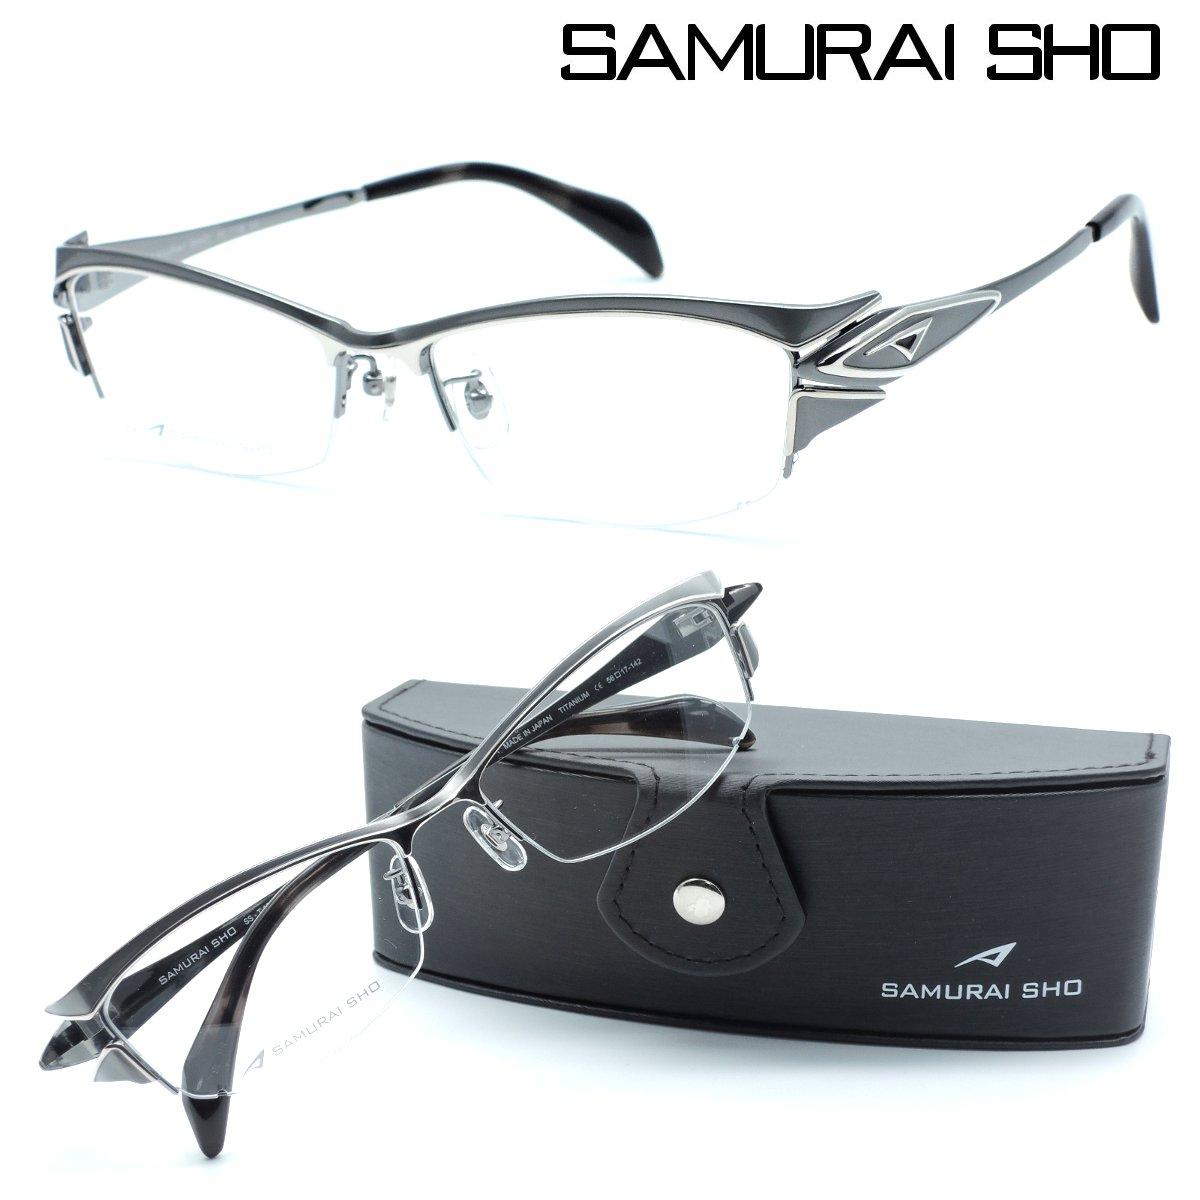 SAMURAI SHO サムライ翔 ビジネスライン 智 ss T1082 2020NEWMODEL メガネ 度付又は度無レンズセット 正規販売店品店内全品送料無料 メンズ ユニセックスnPwk0O